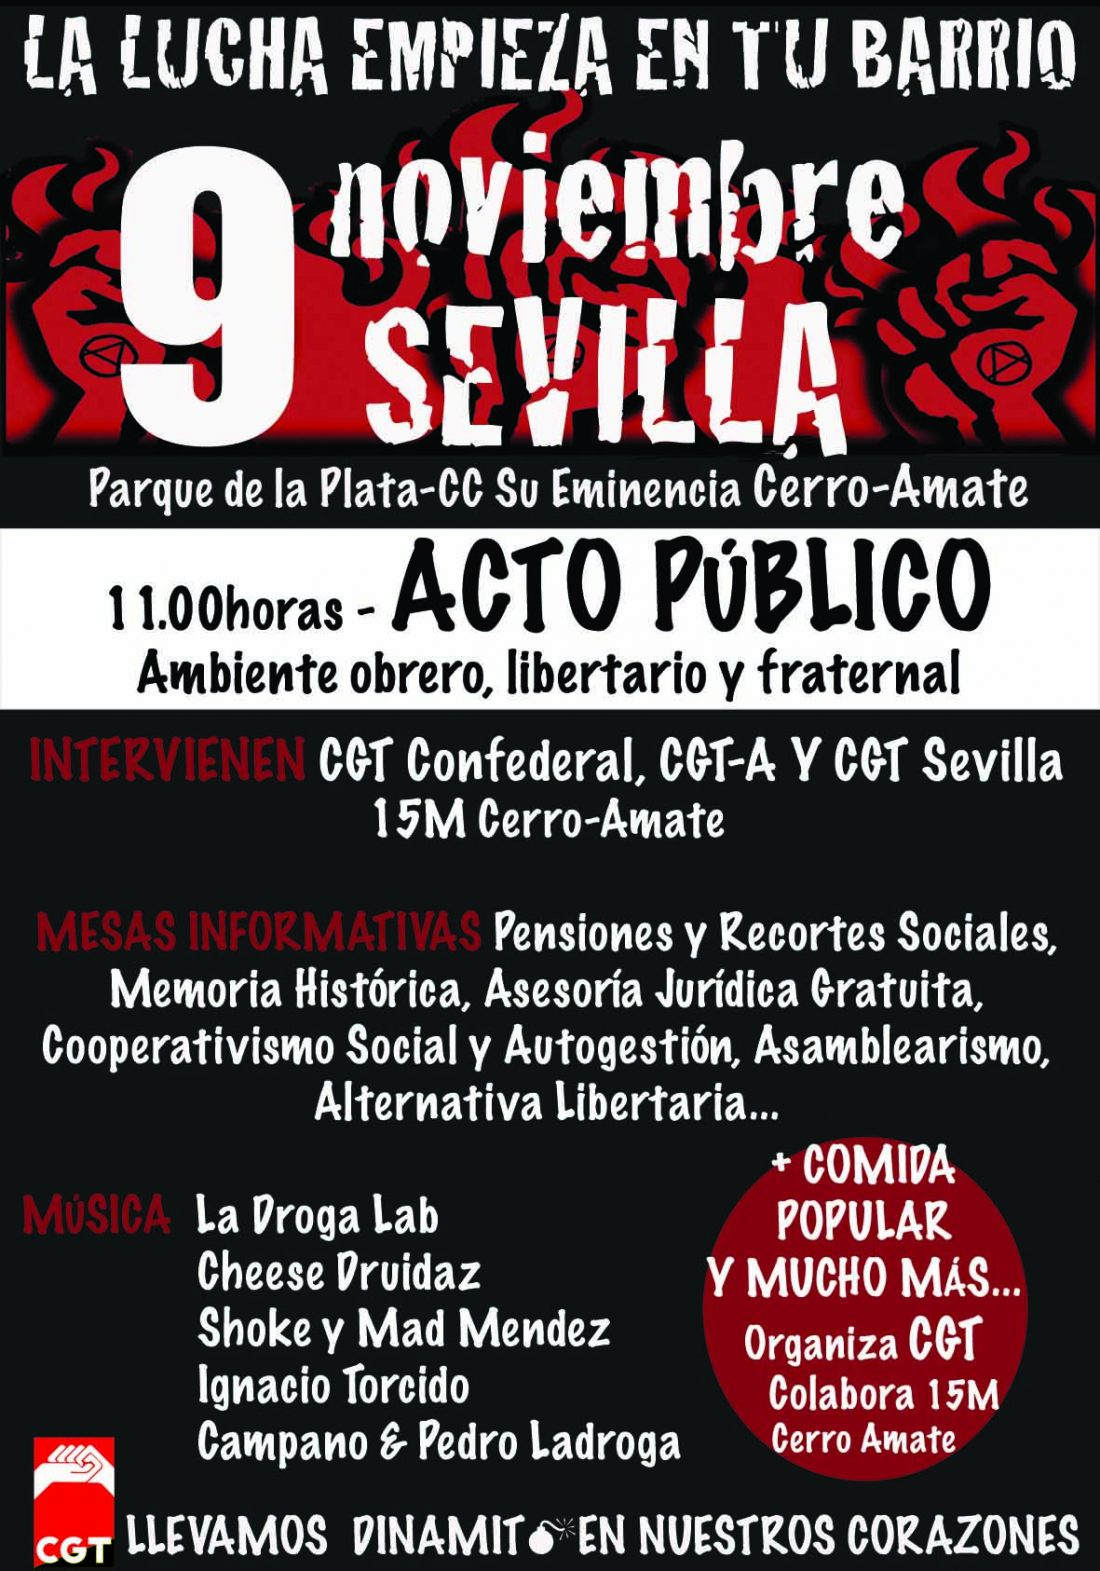 Acto Público organizado por la CGT Sevilla